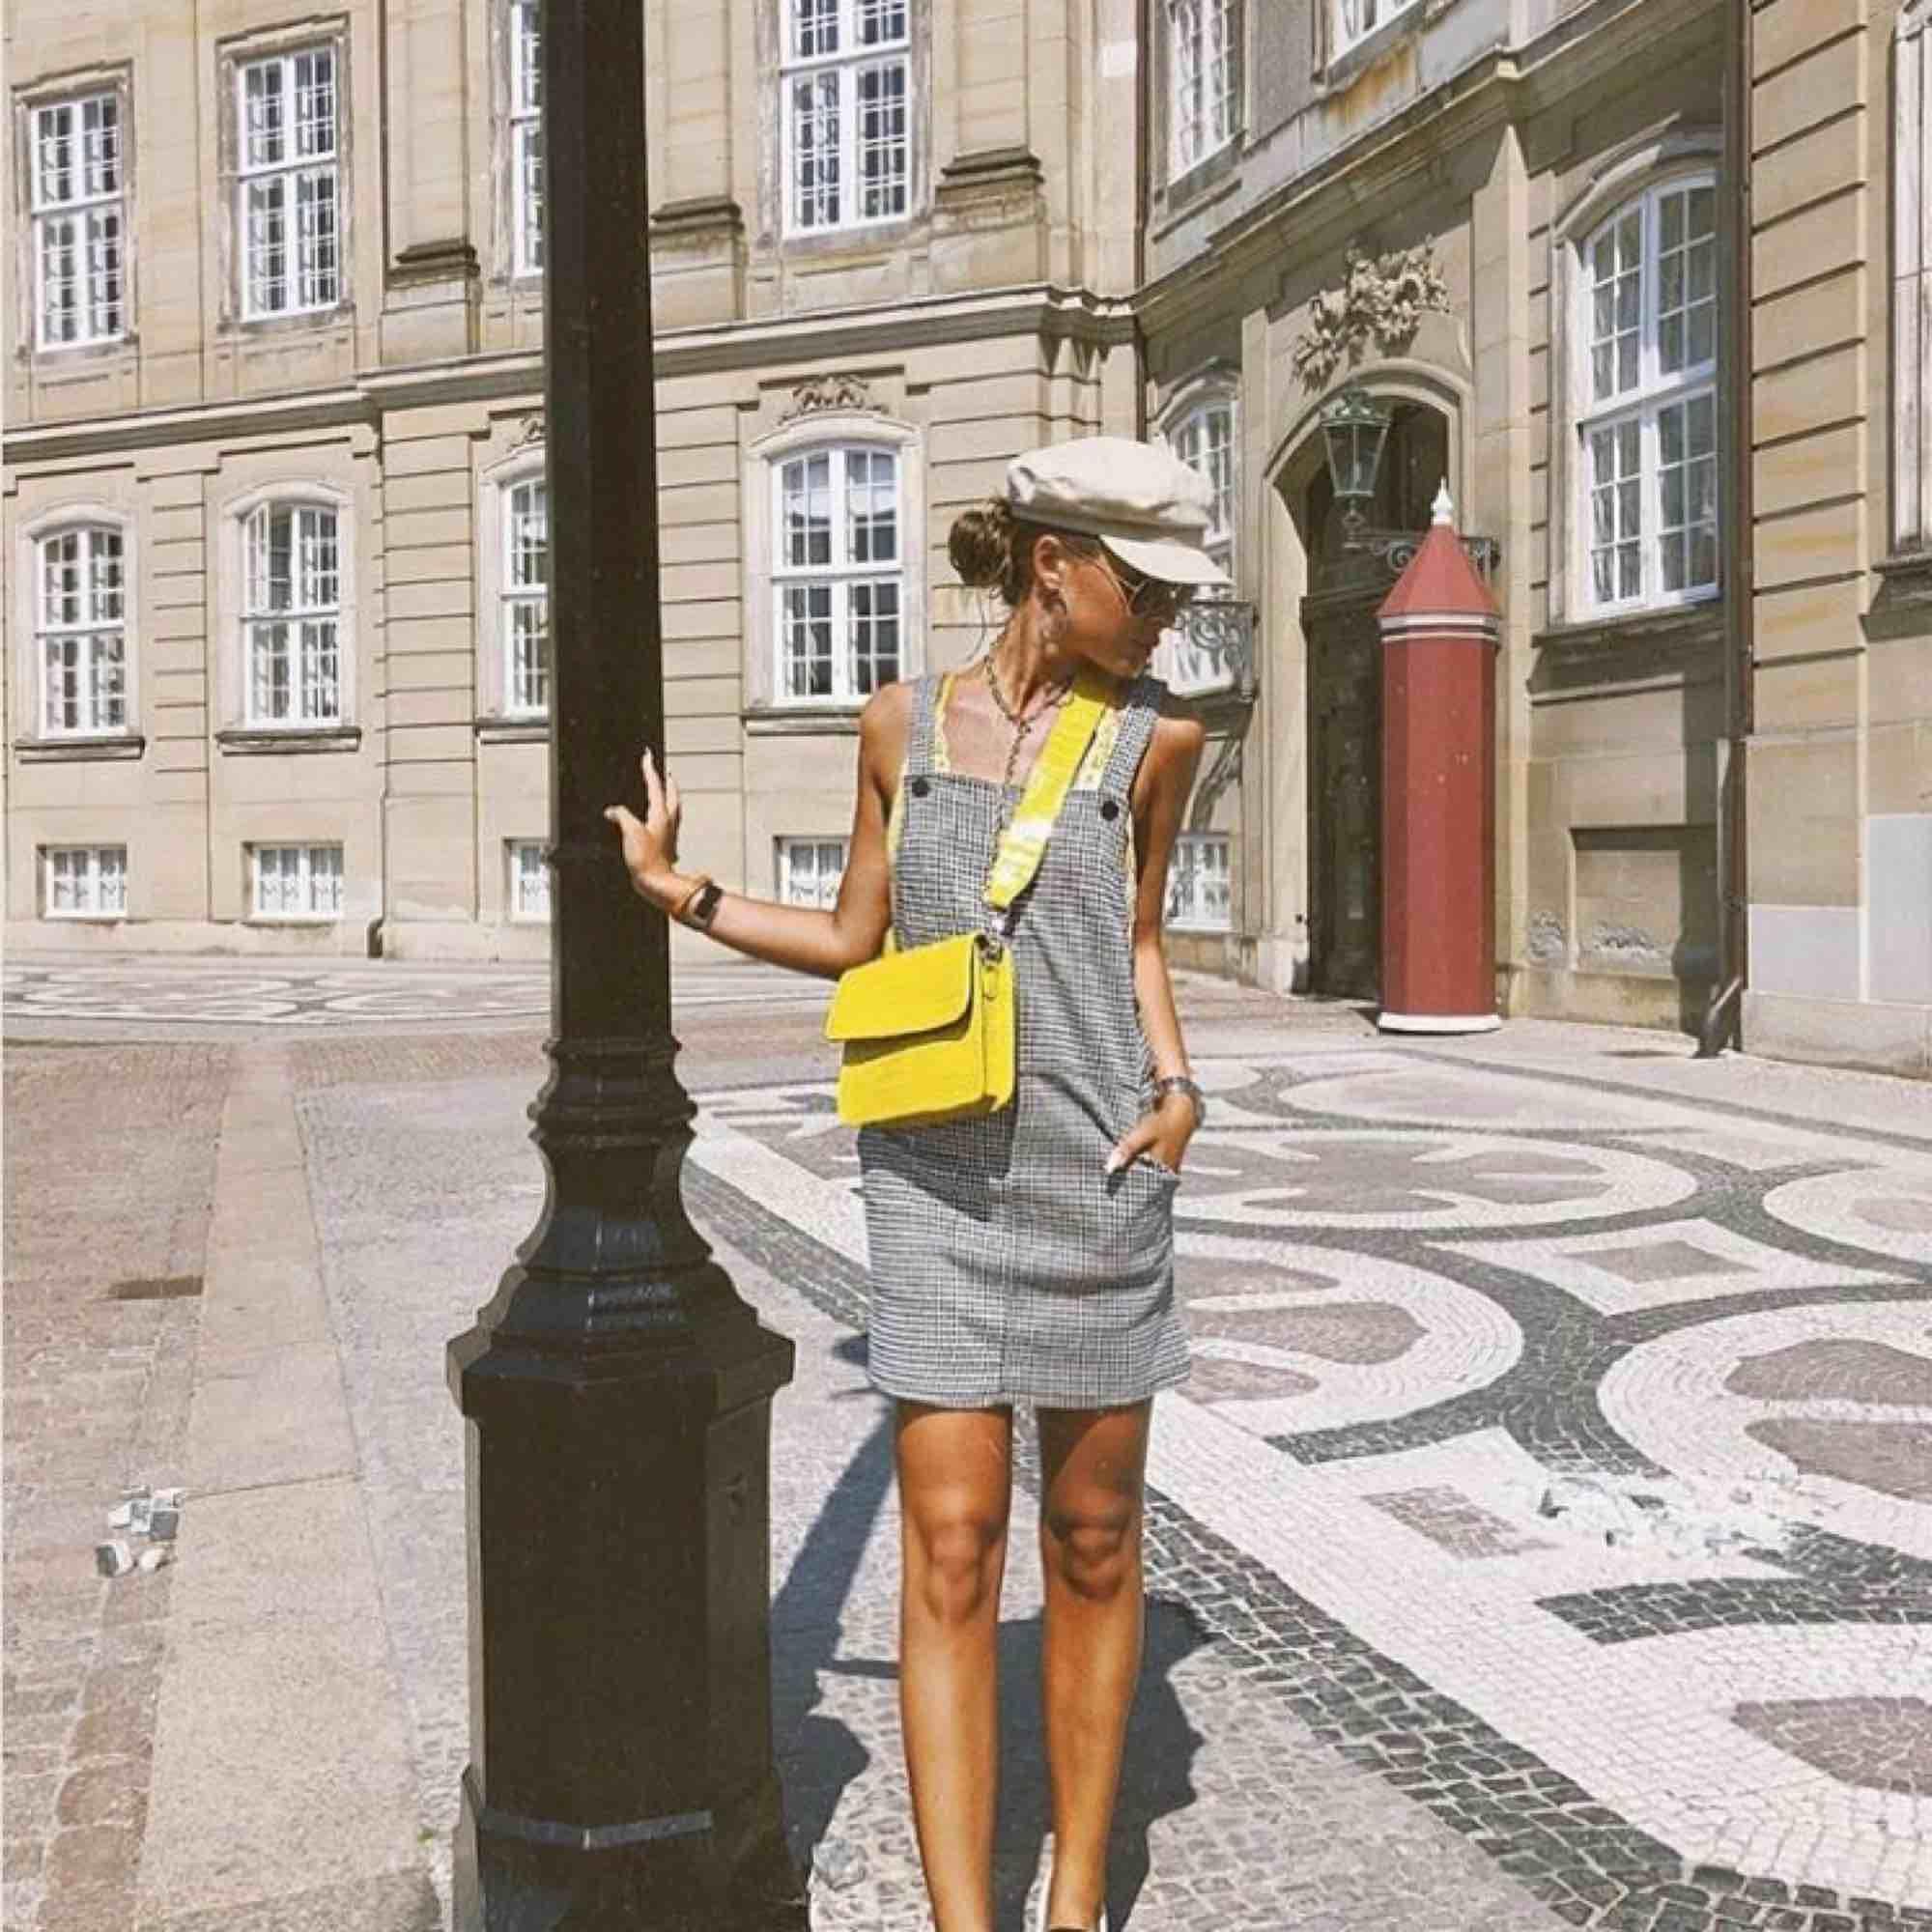 Assååå världens snyggaste väska!!!! Från hvisk! Så cool detalj till outfiten. I totalt nyskick så skynda fyyynda!  Frakt:50kr . Väskor.